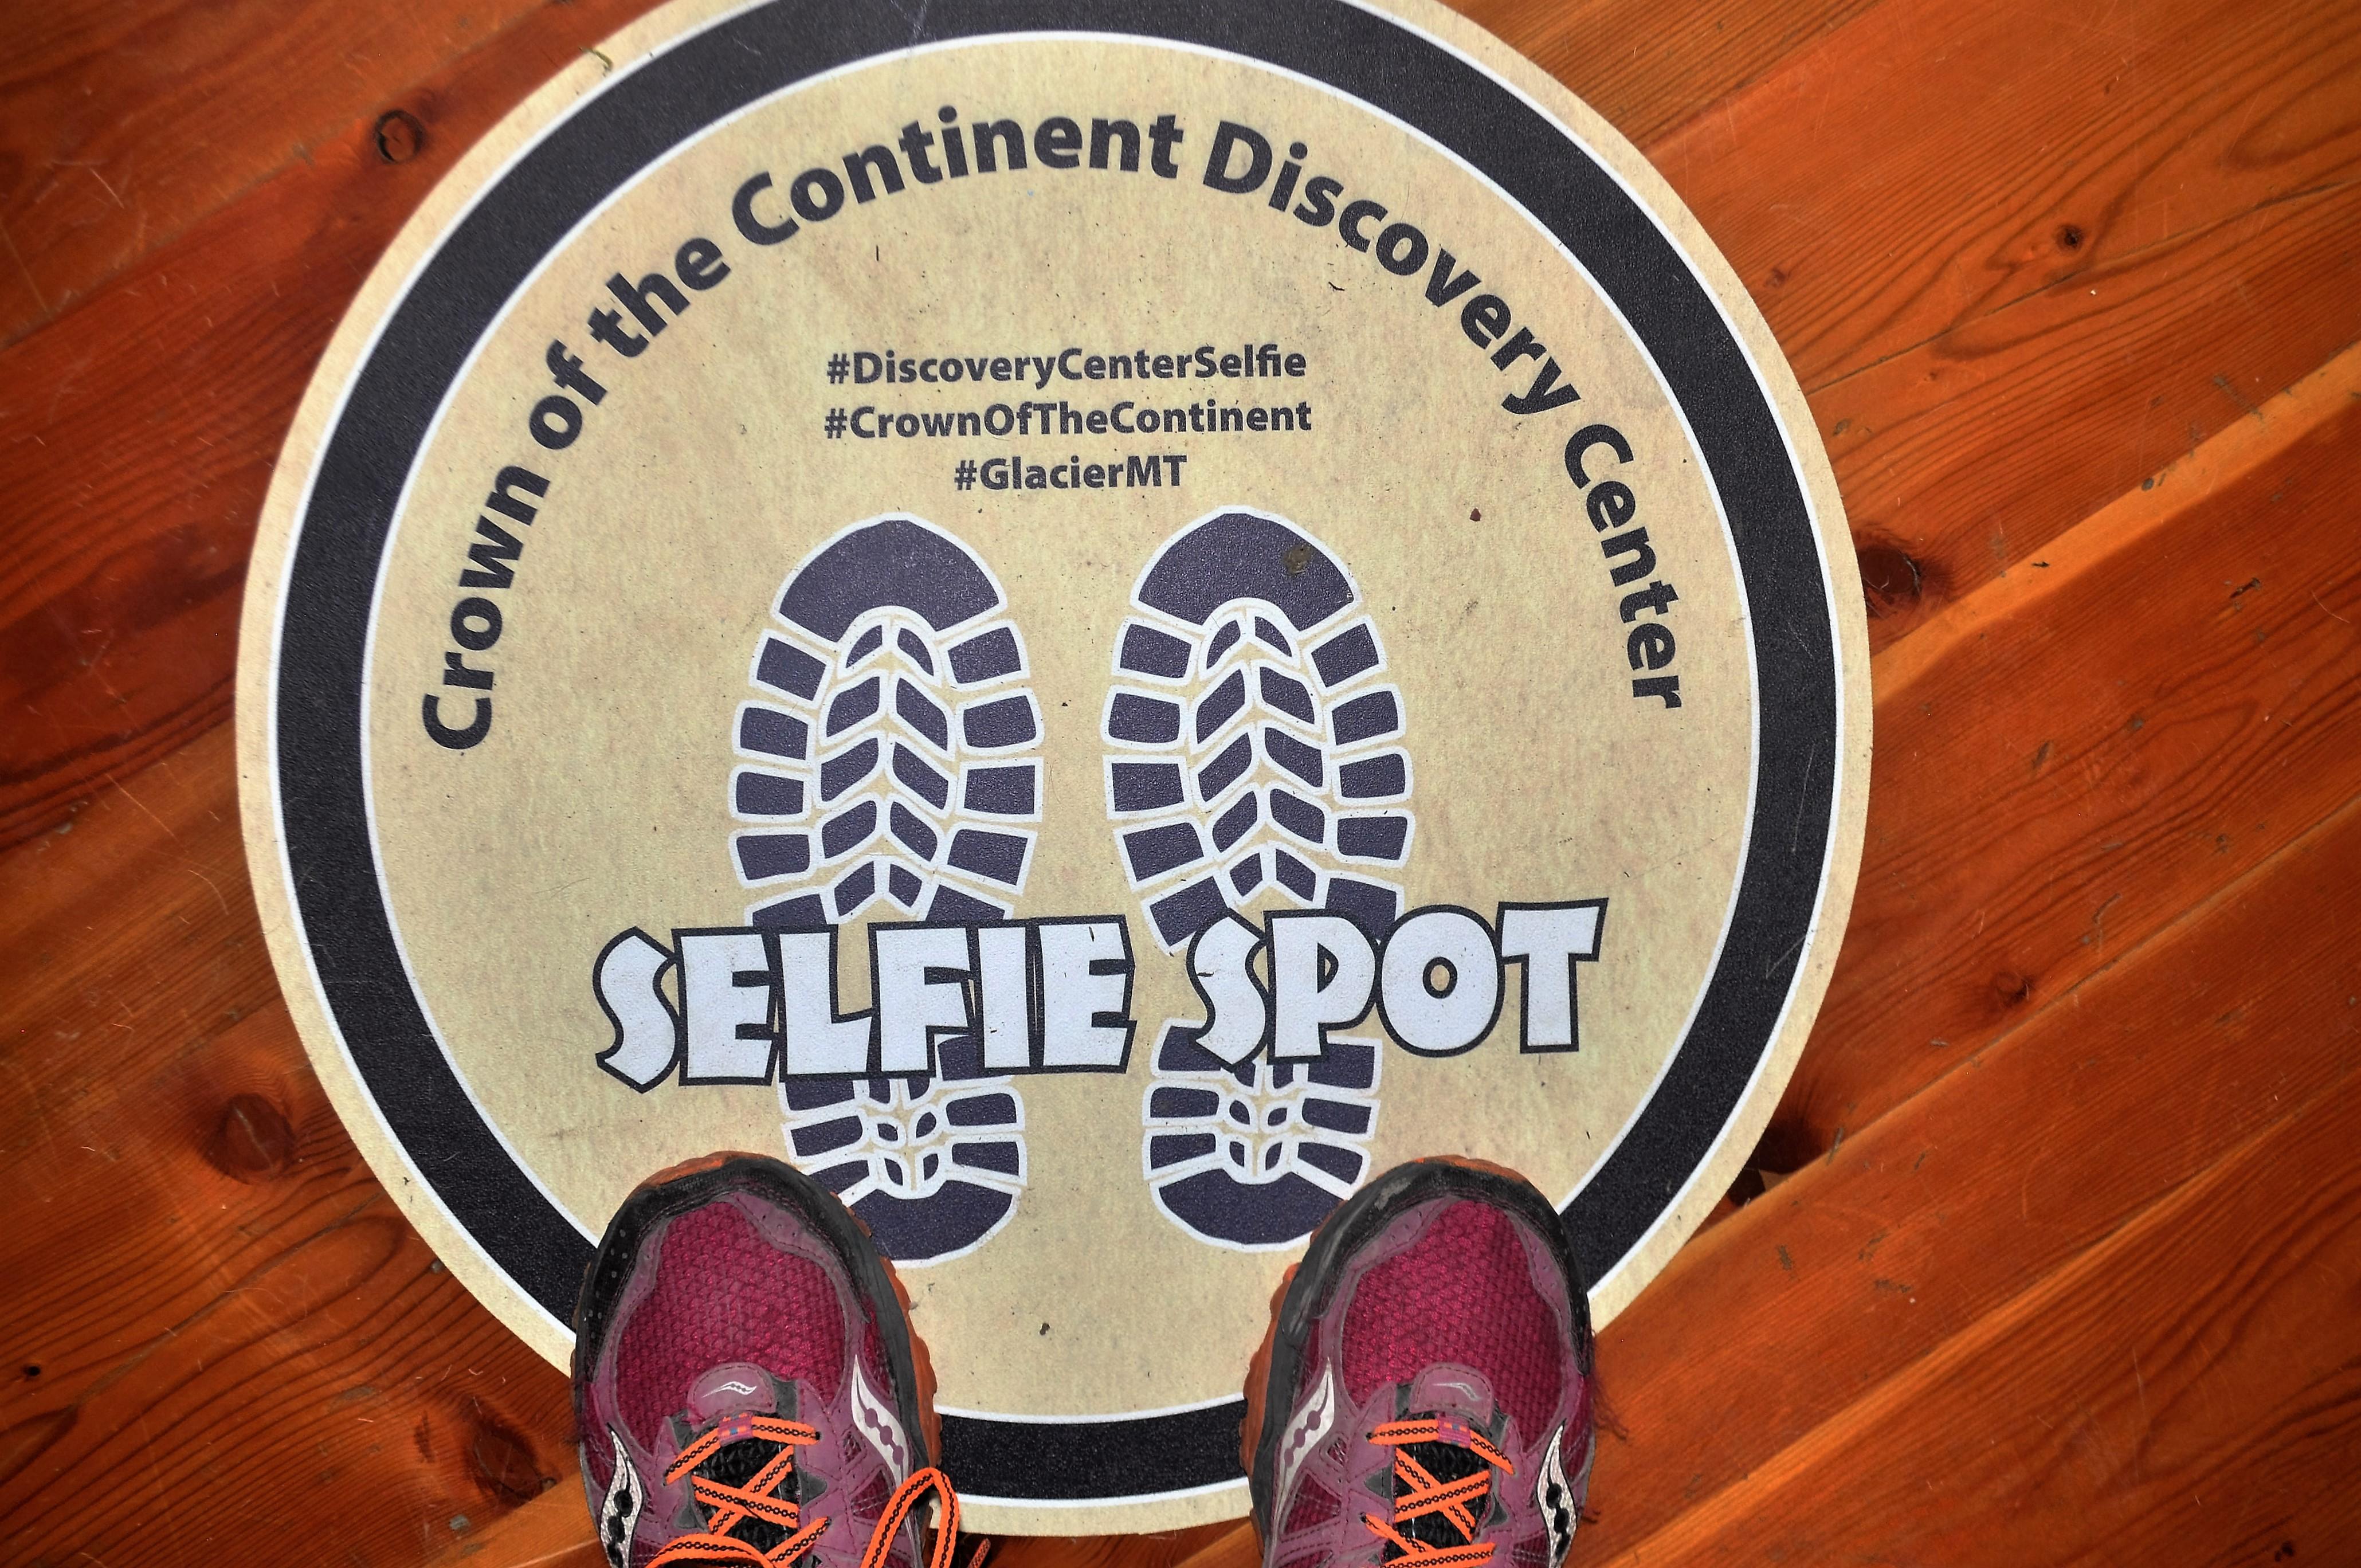 selfie-spot